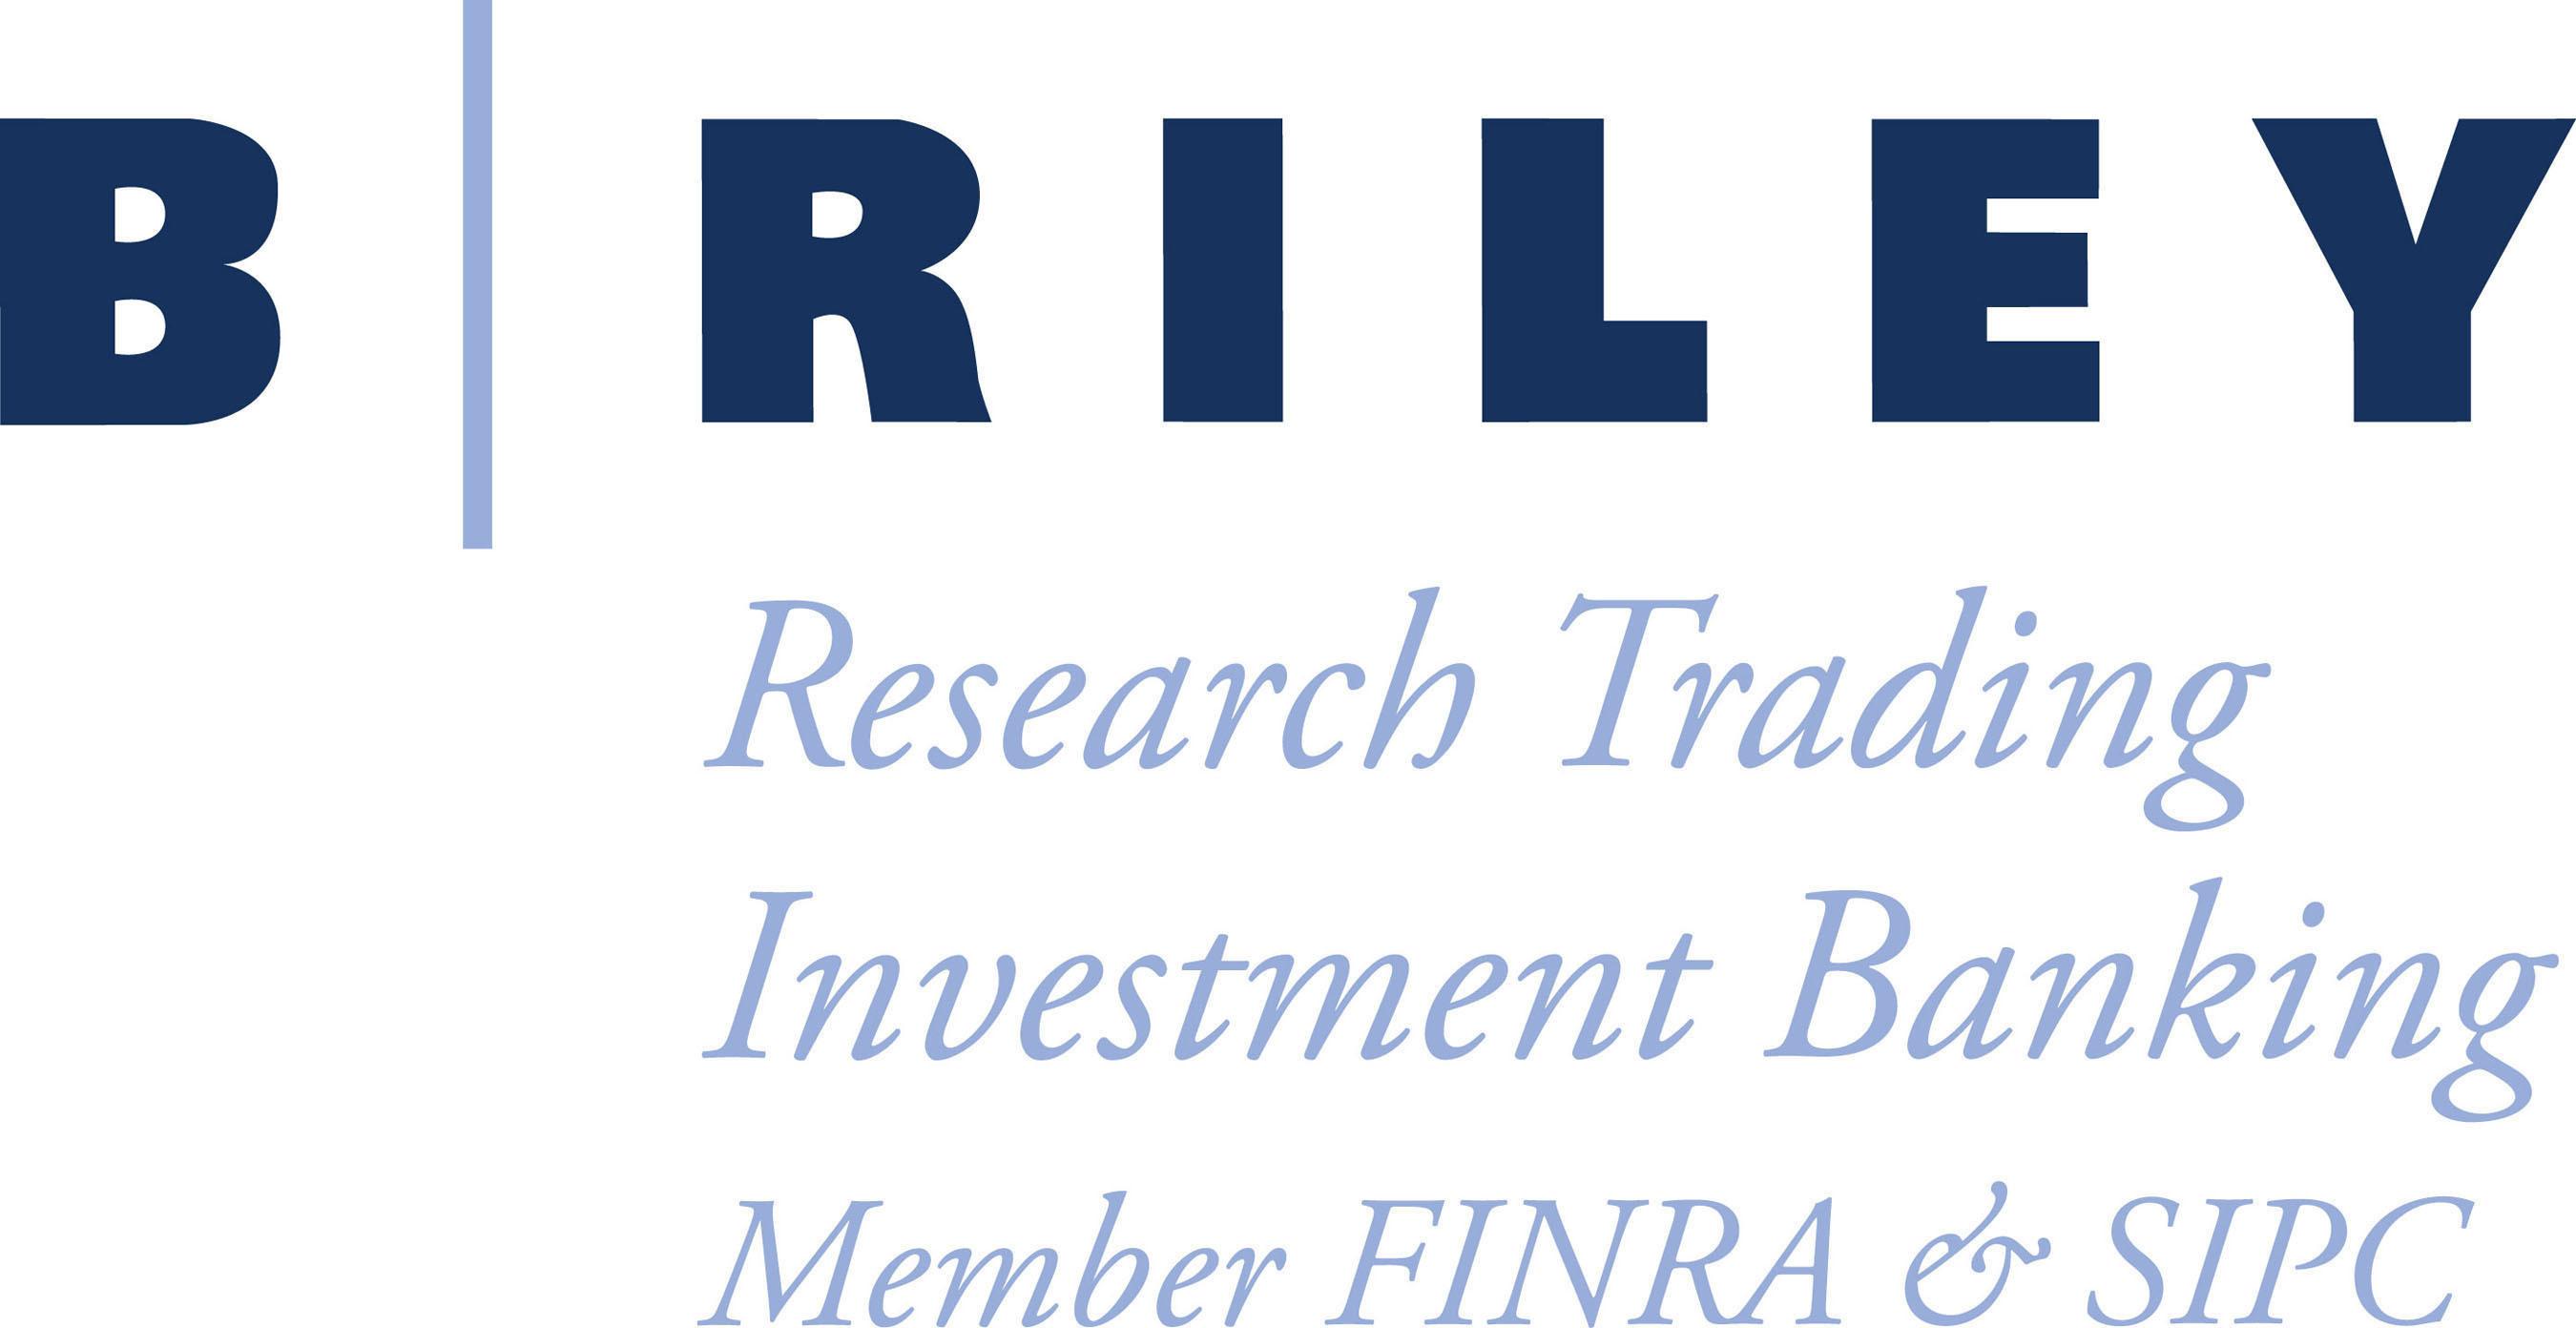 B. Riley & Co. Logo